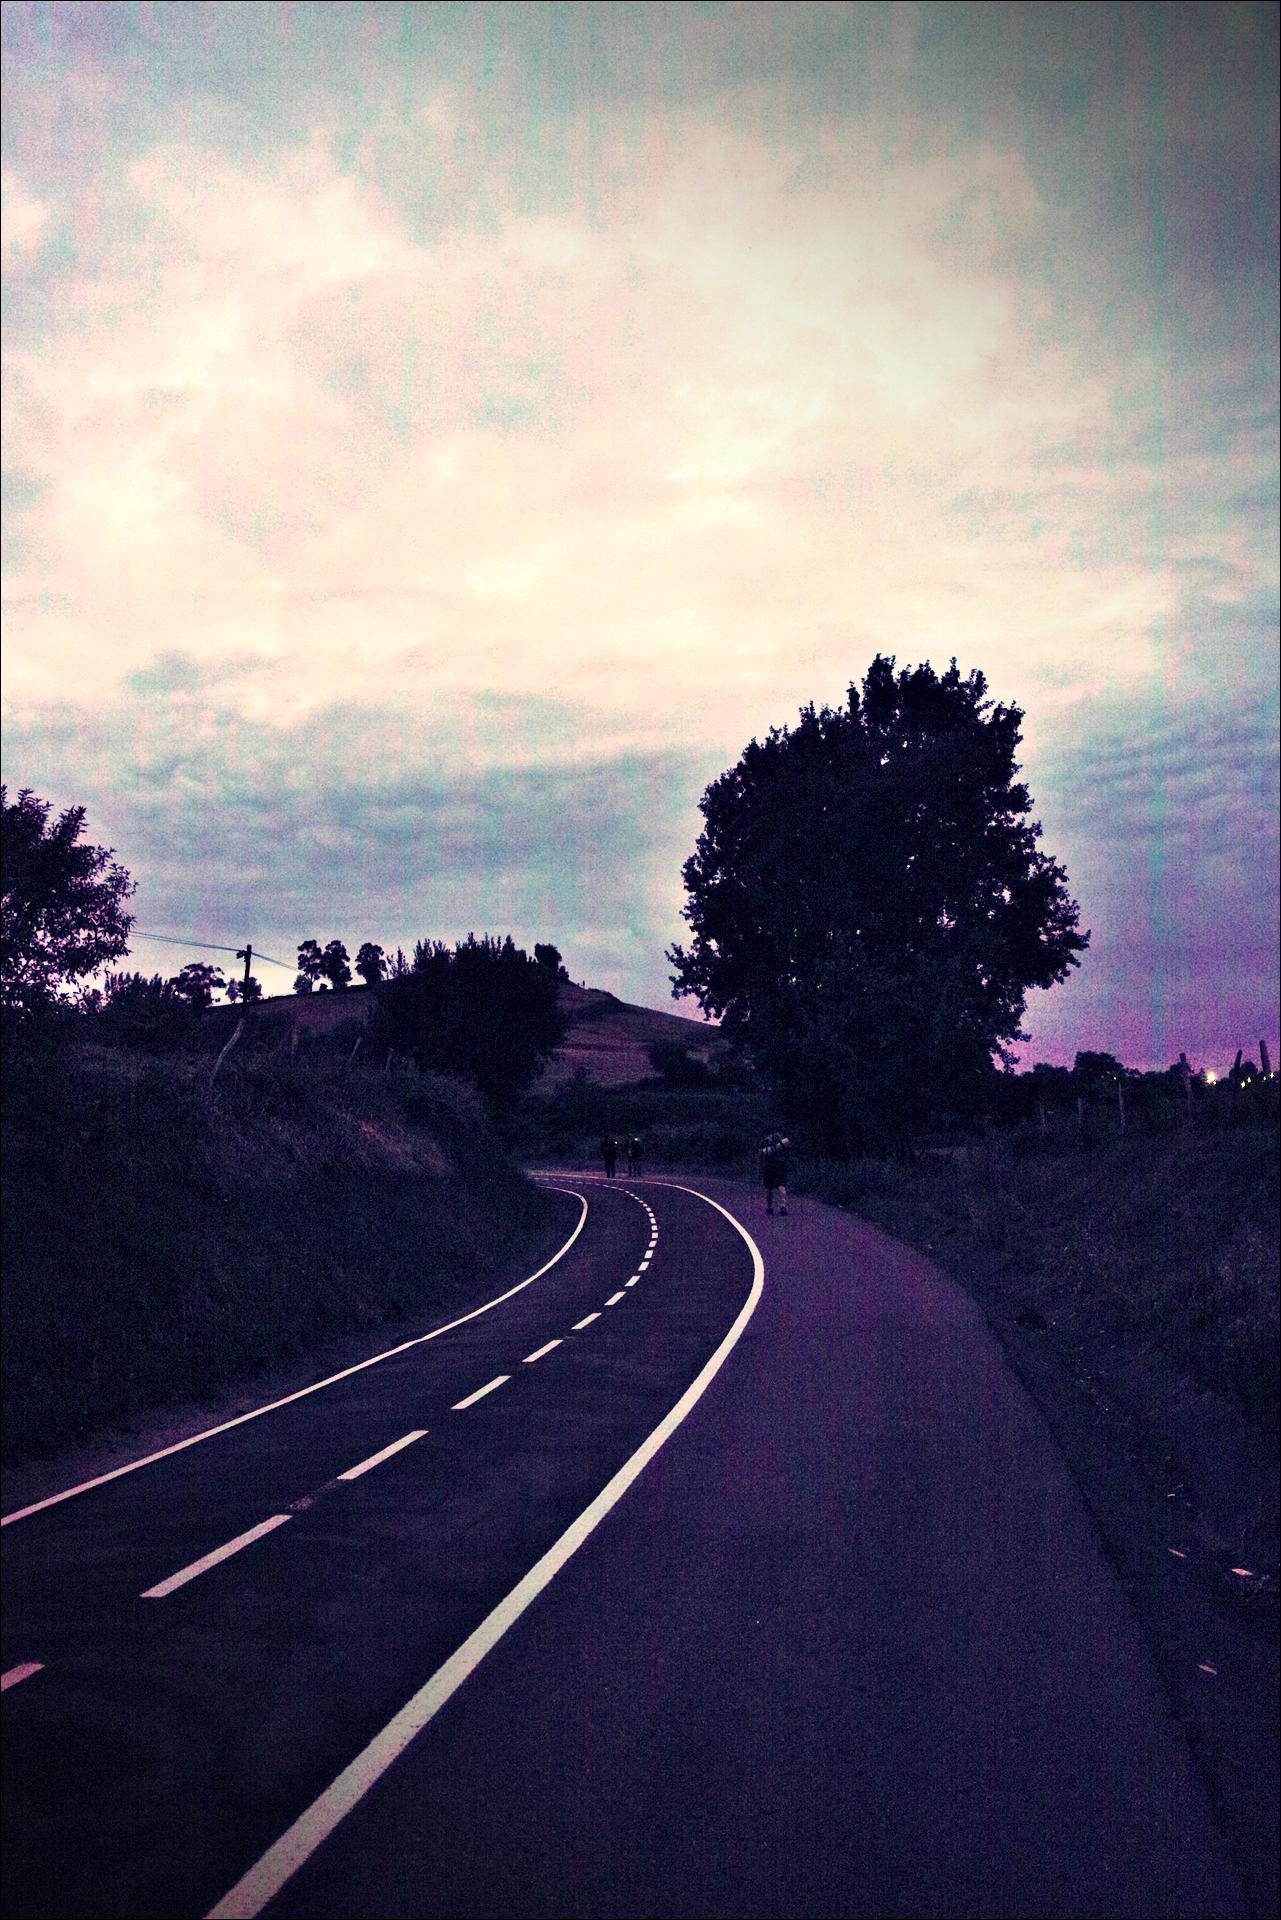 동 틀 무렵-'카미노 데 산티아고 북쪽길. 포르투갈레테에서 카스트로 우르디알레스. (Camino del Norte - Portugalete to Castro Urdiales) '